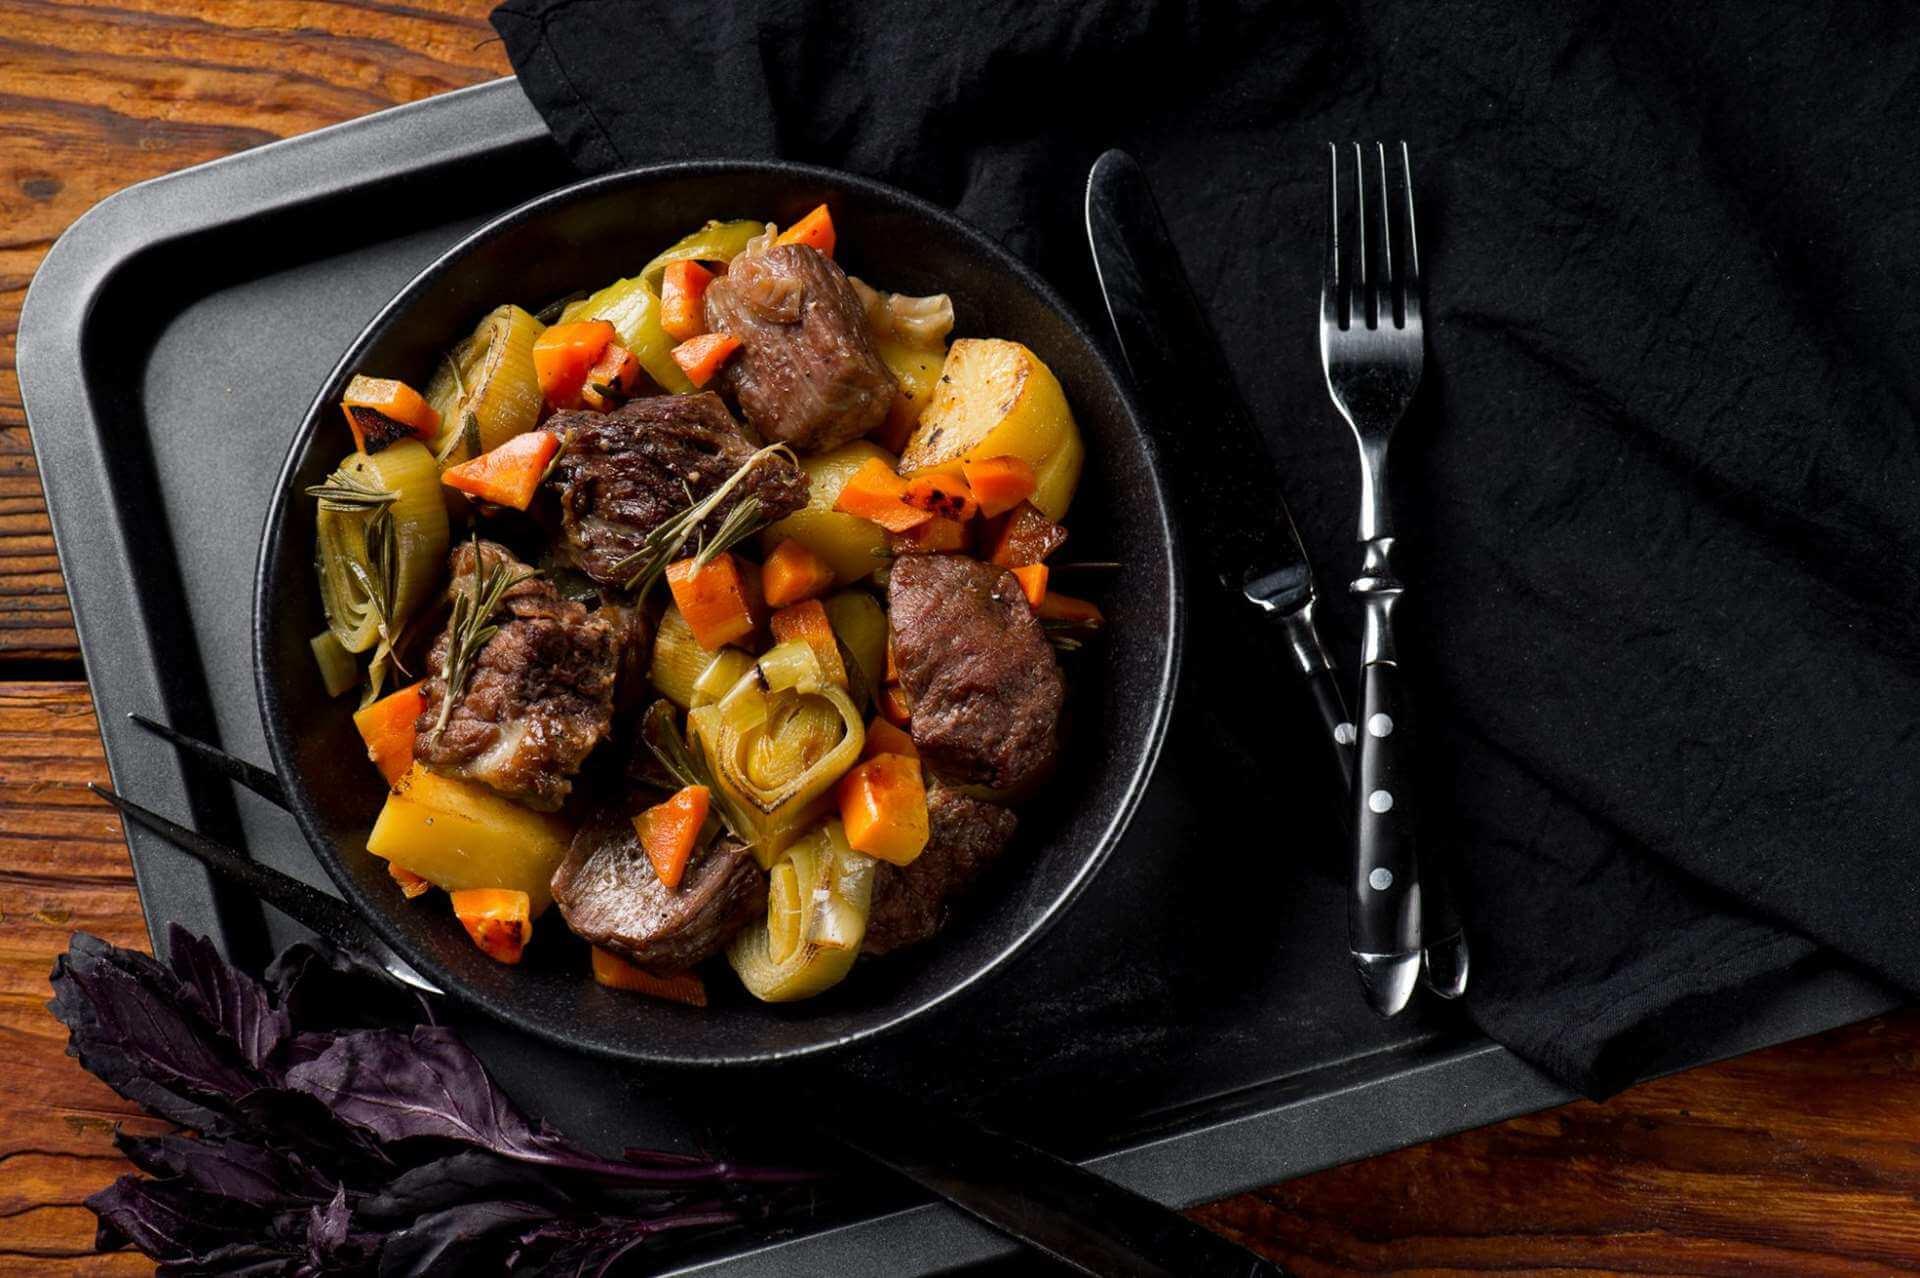 βουβαλίσιο κρέας κερκίνης, βουβαλισιο κρεας κερκινης, βουβάλι, 100% βουβαλίσιο κρέας, βουβαλίσιο κρέας κερκινησ